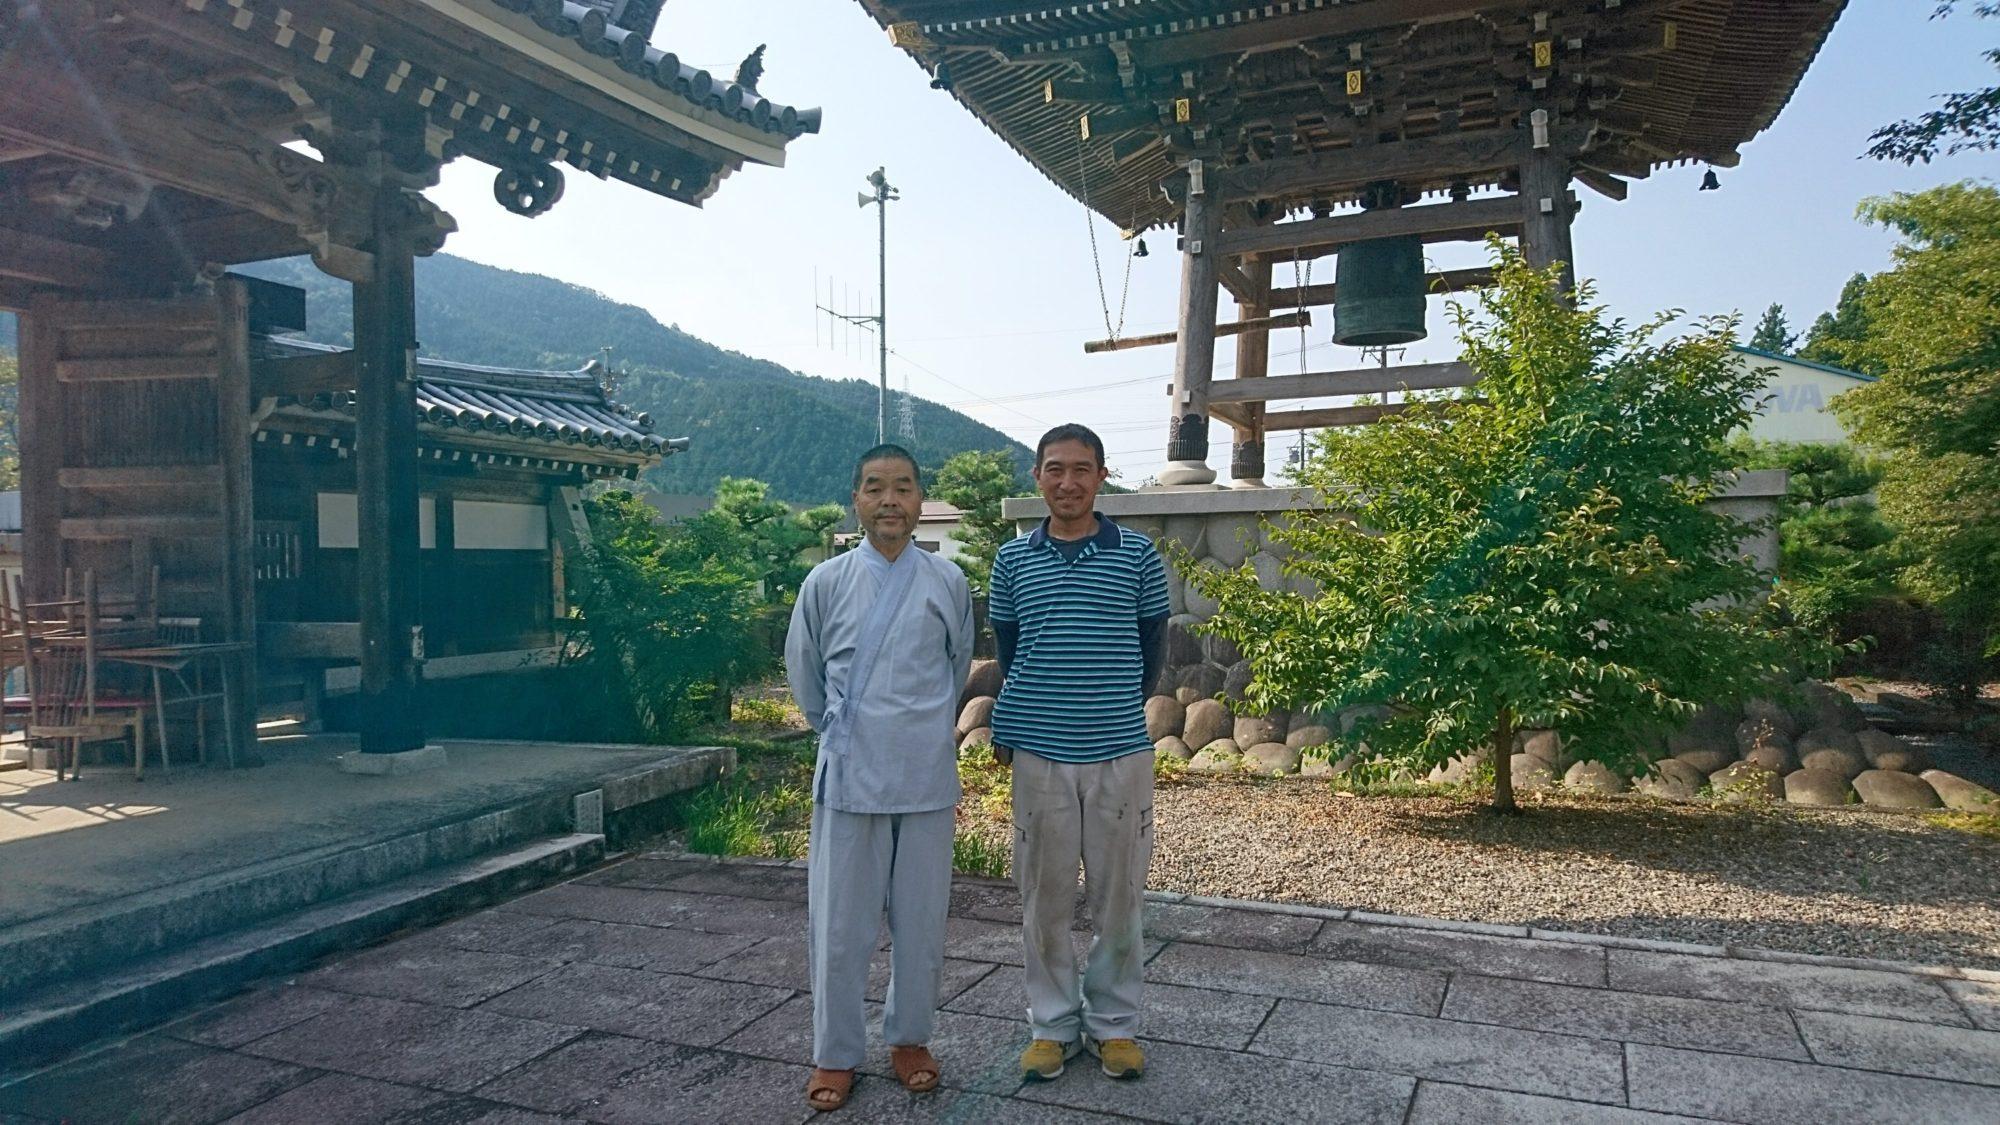 岐阜市のお寺で改修工事をしています。